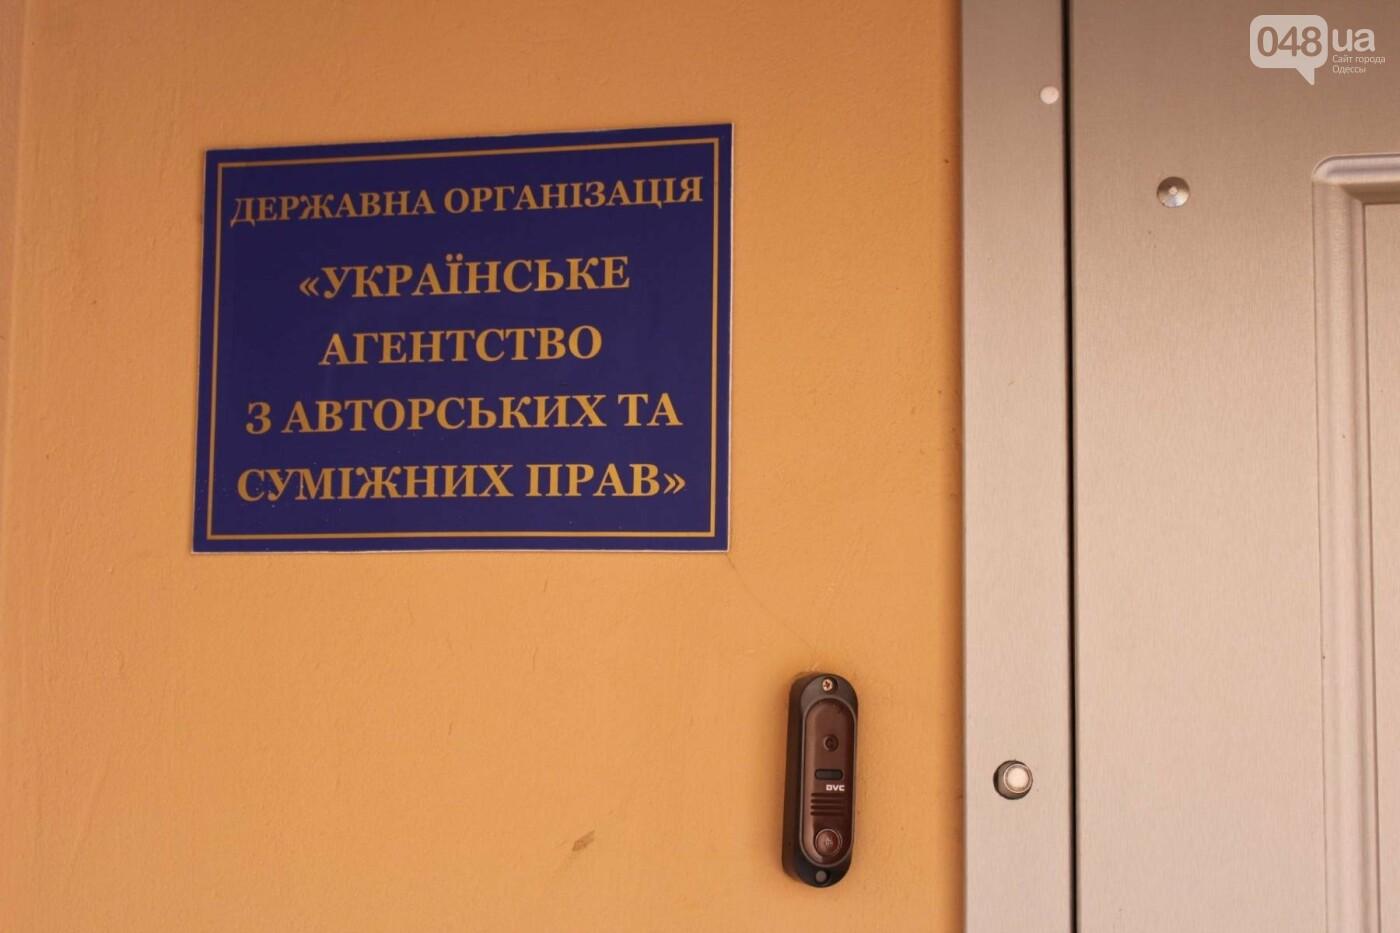 Каждое кафе в Украине должно платить за музыку, даже если звучит радио: как это устроено , фото-1